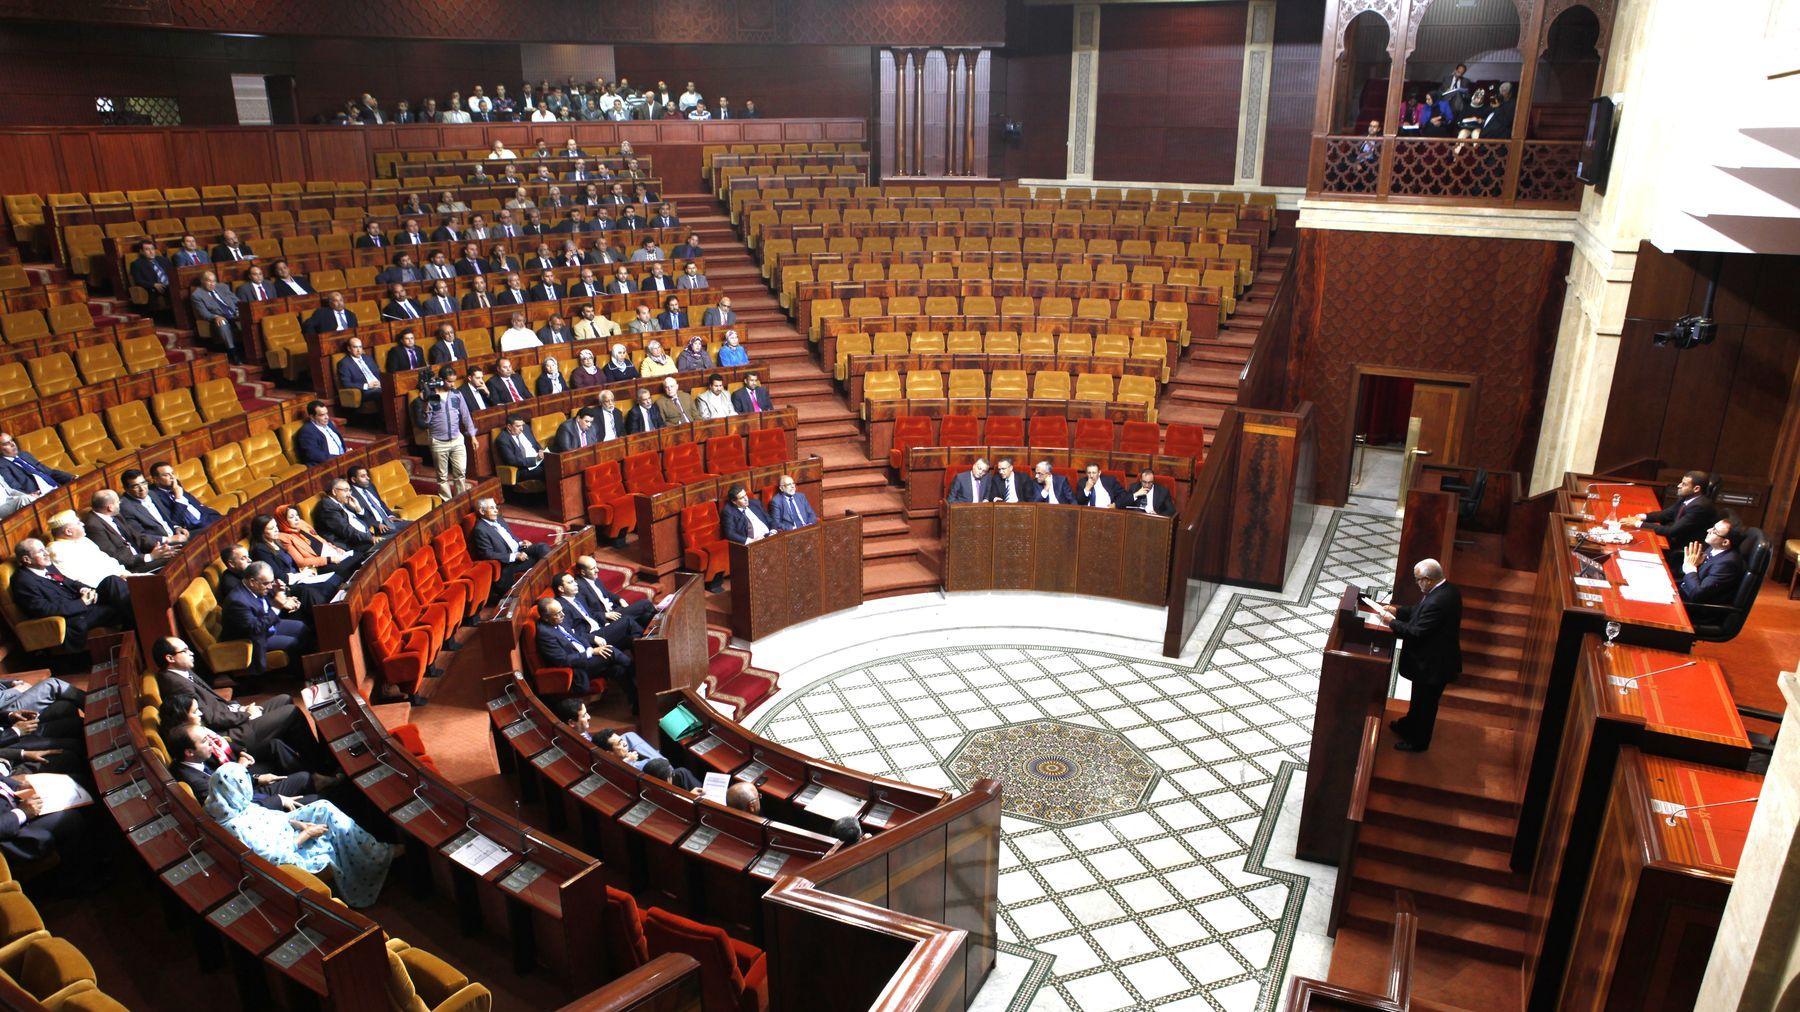 مصادر من وزارة الداخلية: ثلثا أعضاء مجلس النواب تقل أعمارهم عن 55 سنة